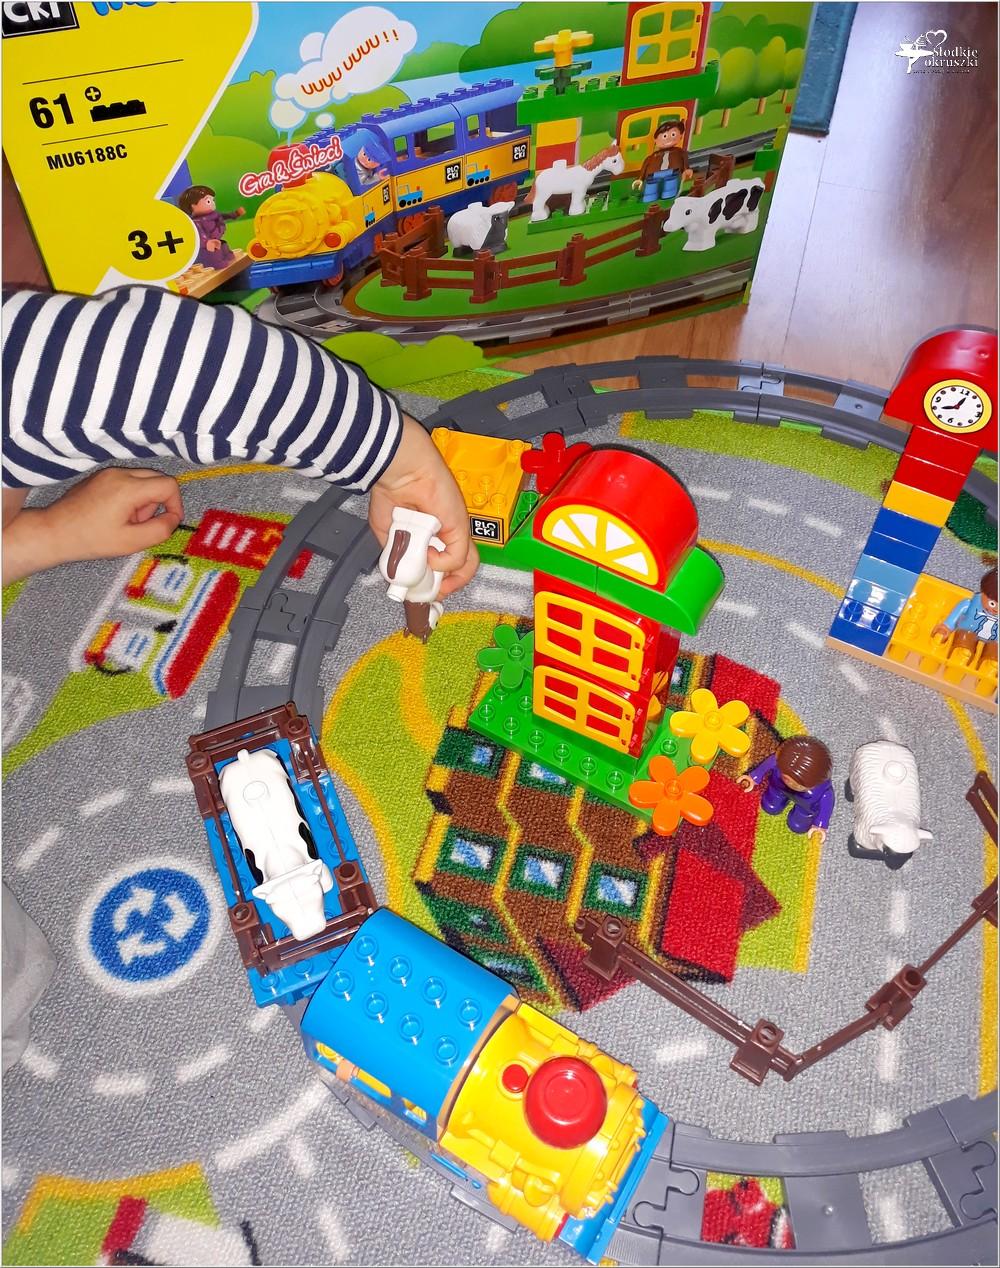 Ulubione klocki moich dzieci - klocki Blocki (2)